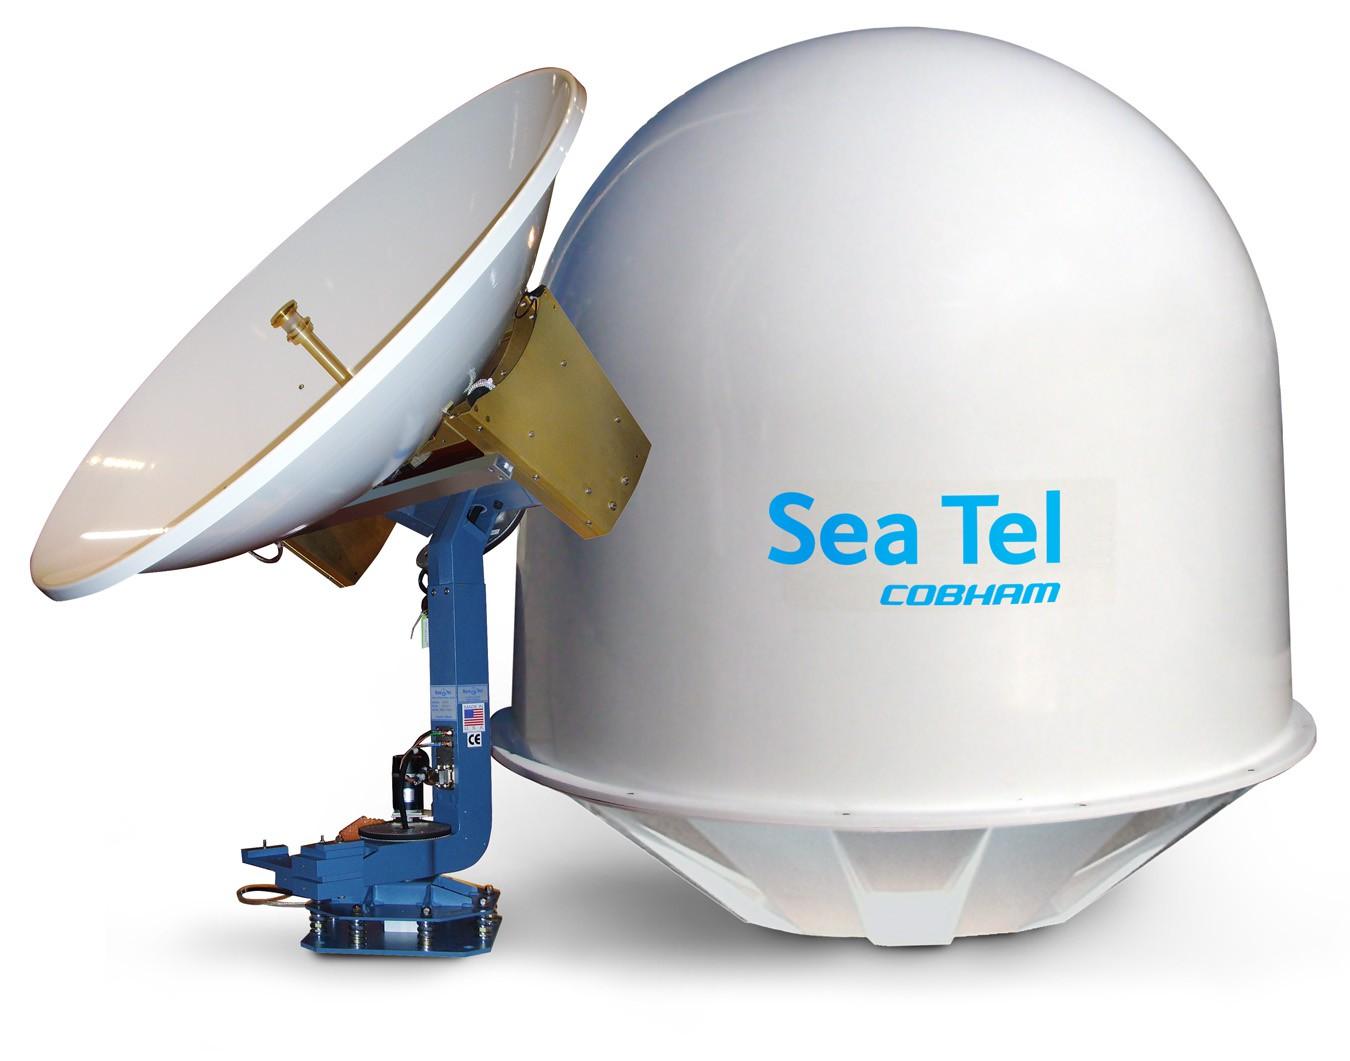 Cobham Sea Tel 3004